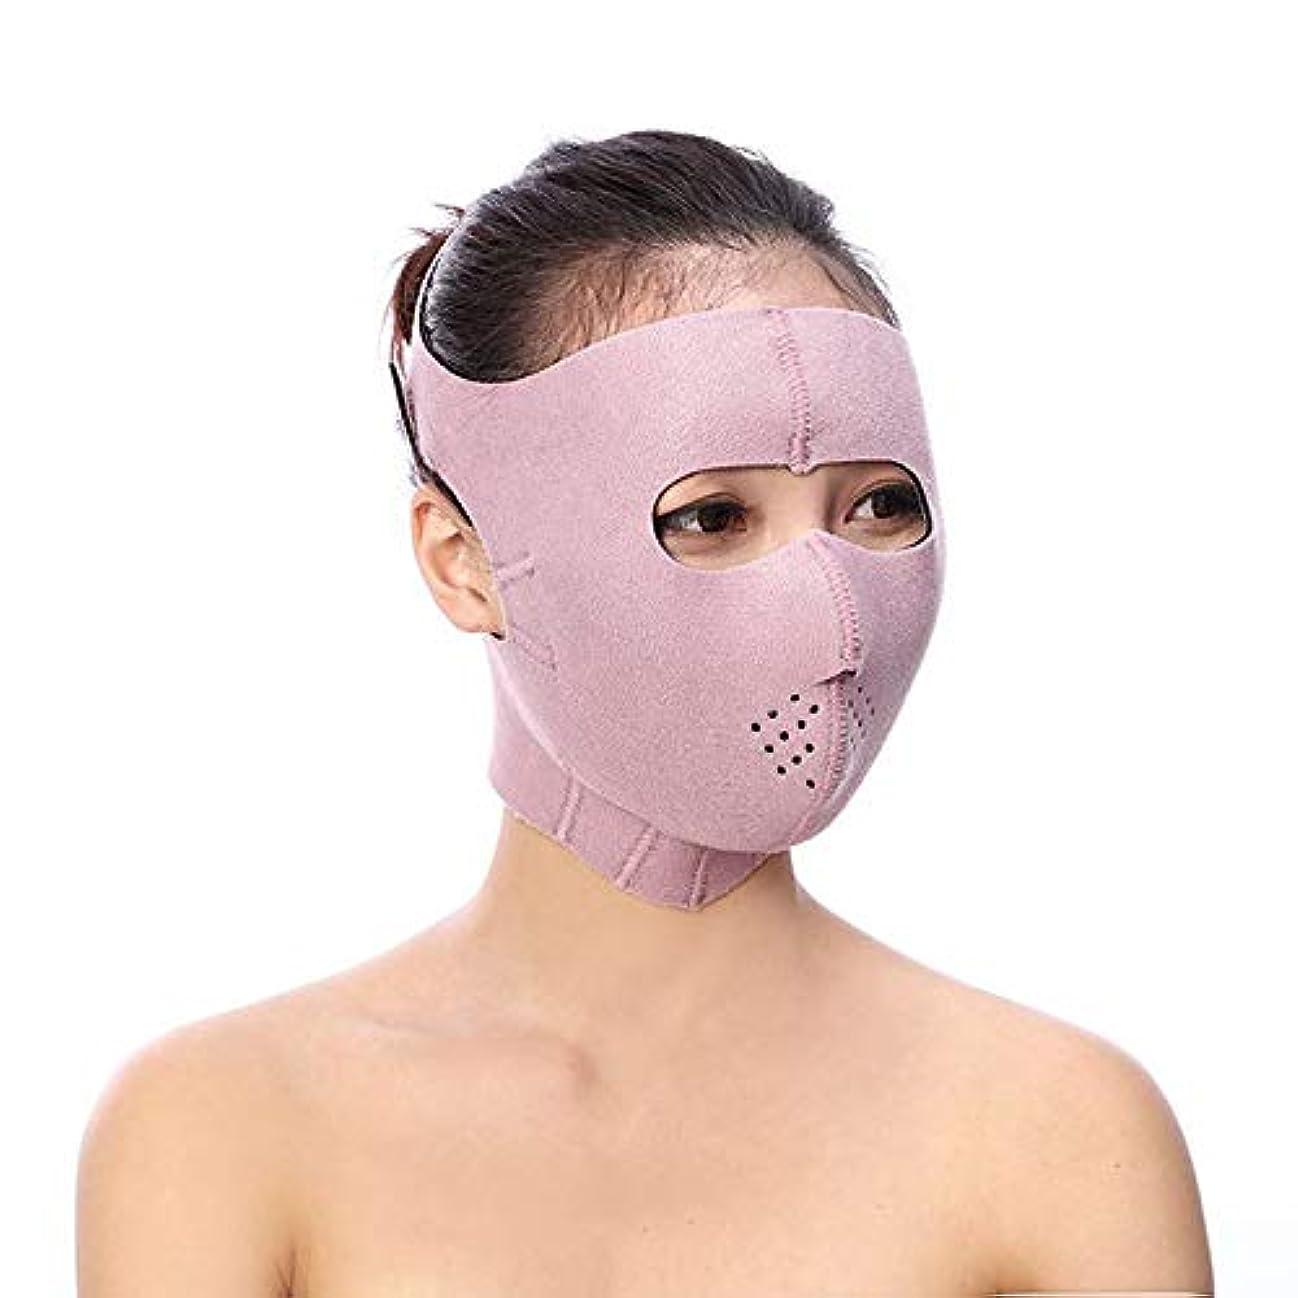 道徳教育作業単語GYZ フェイシャルリフティング痩身ベルト - Vフェイス包帯マスクフェイシャルマッサージャー無料の薄いフェイス包帯整形マスクを引き締める顔と首の顔スリム Thin Face Belt